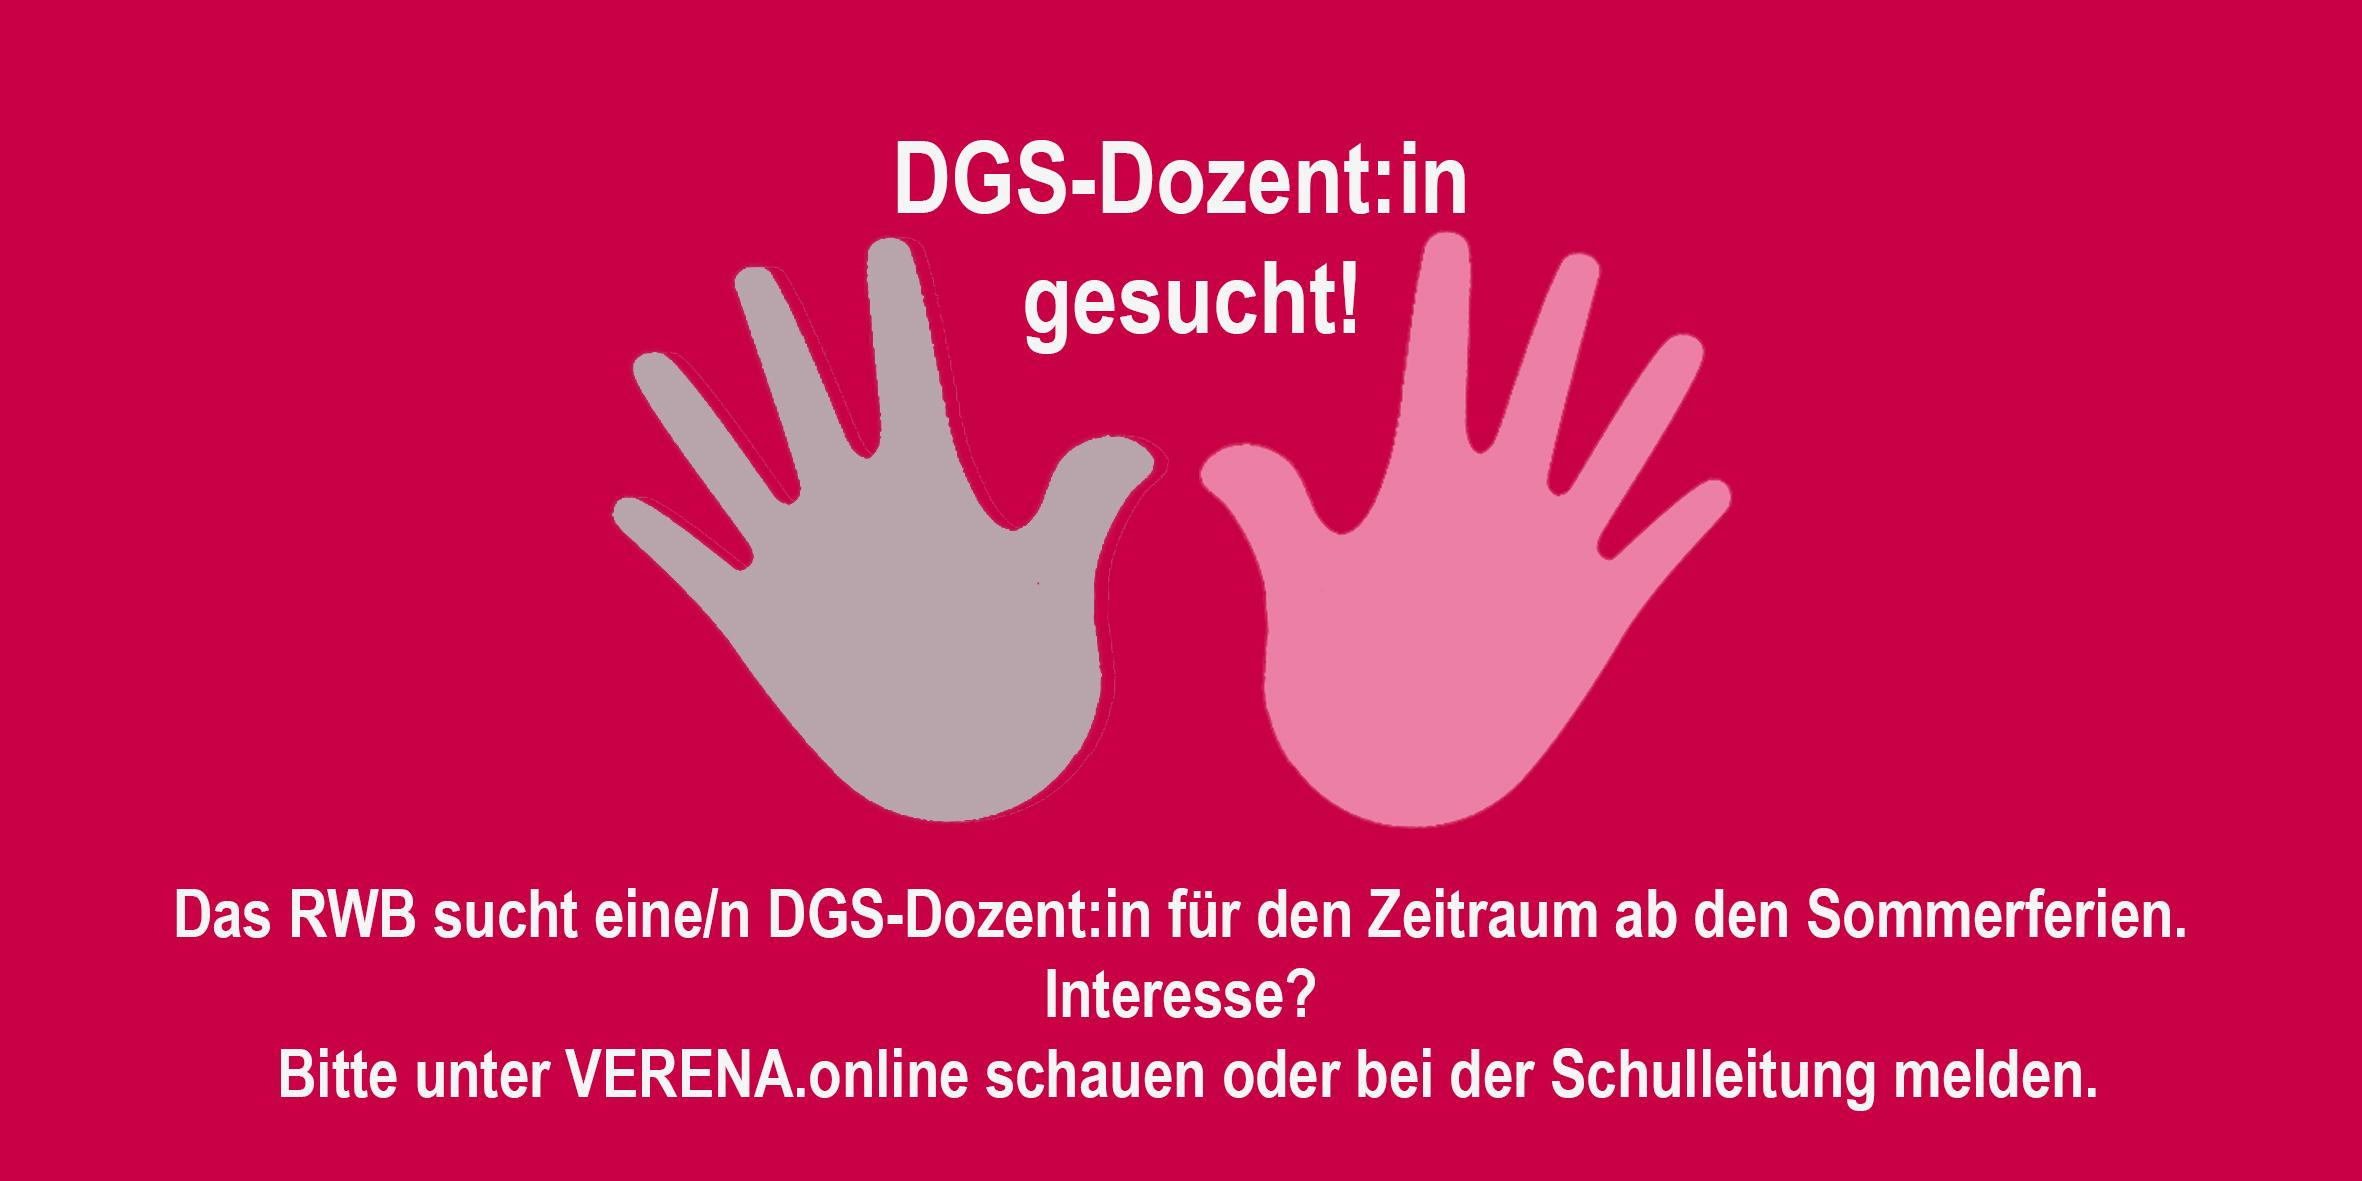 RWB Essen - Suche nach einem/einer DGS-Dozent:in